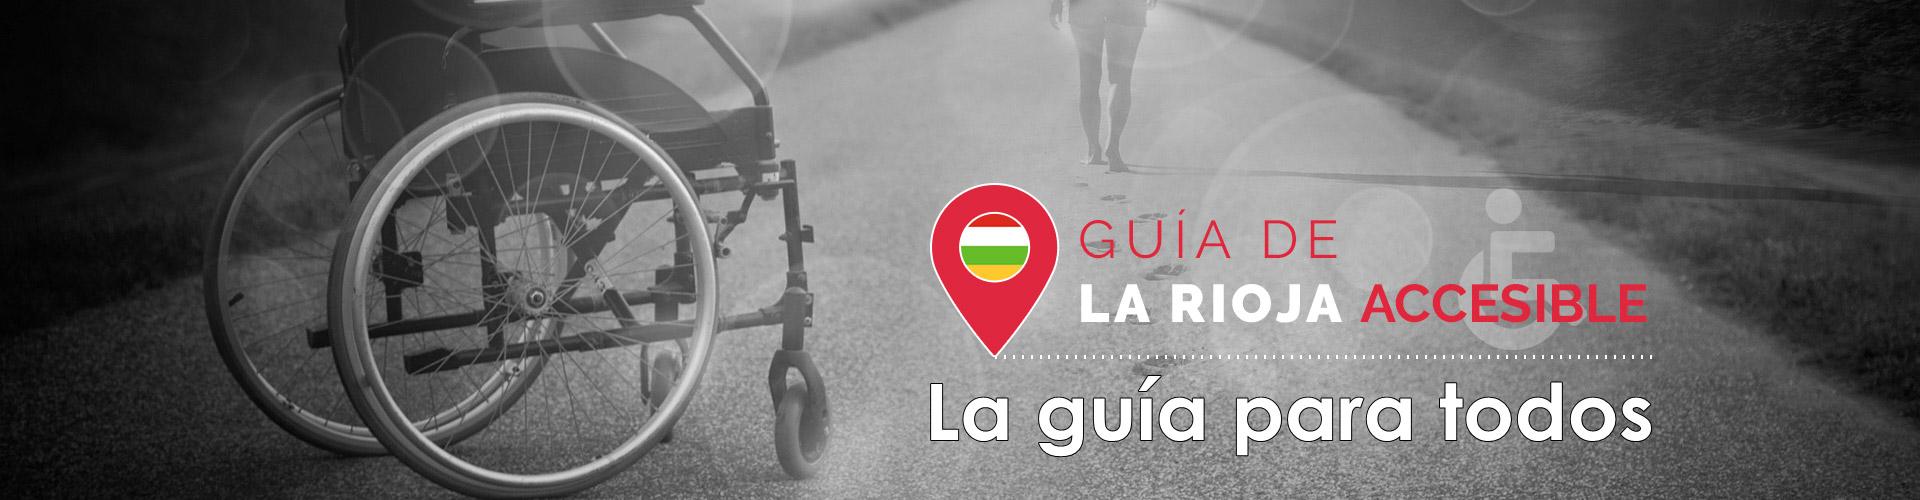 Guía de La Rioja accesible, la guía para todos